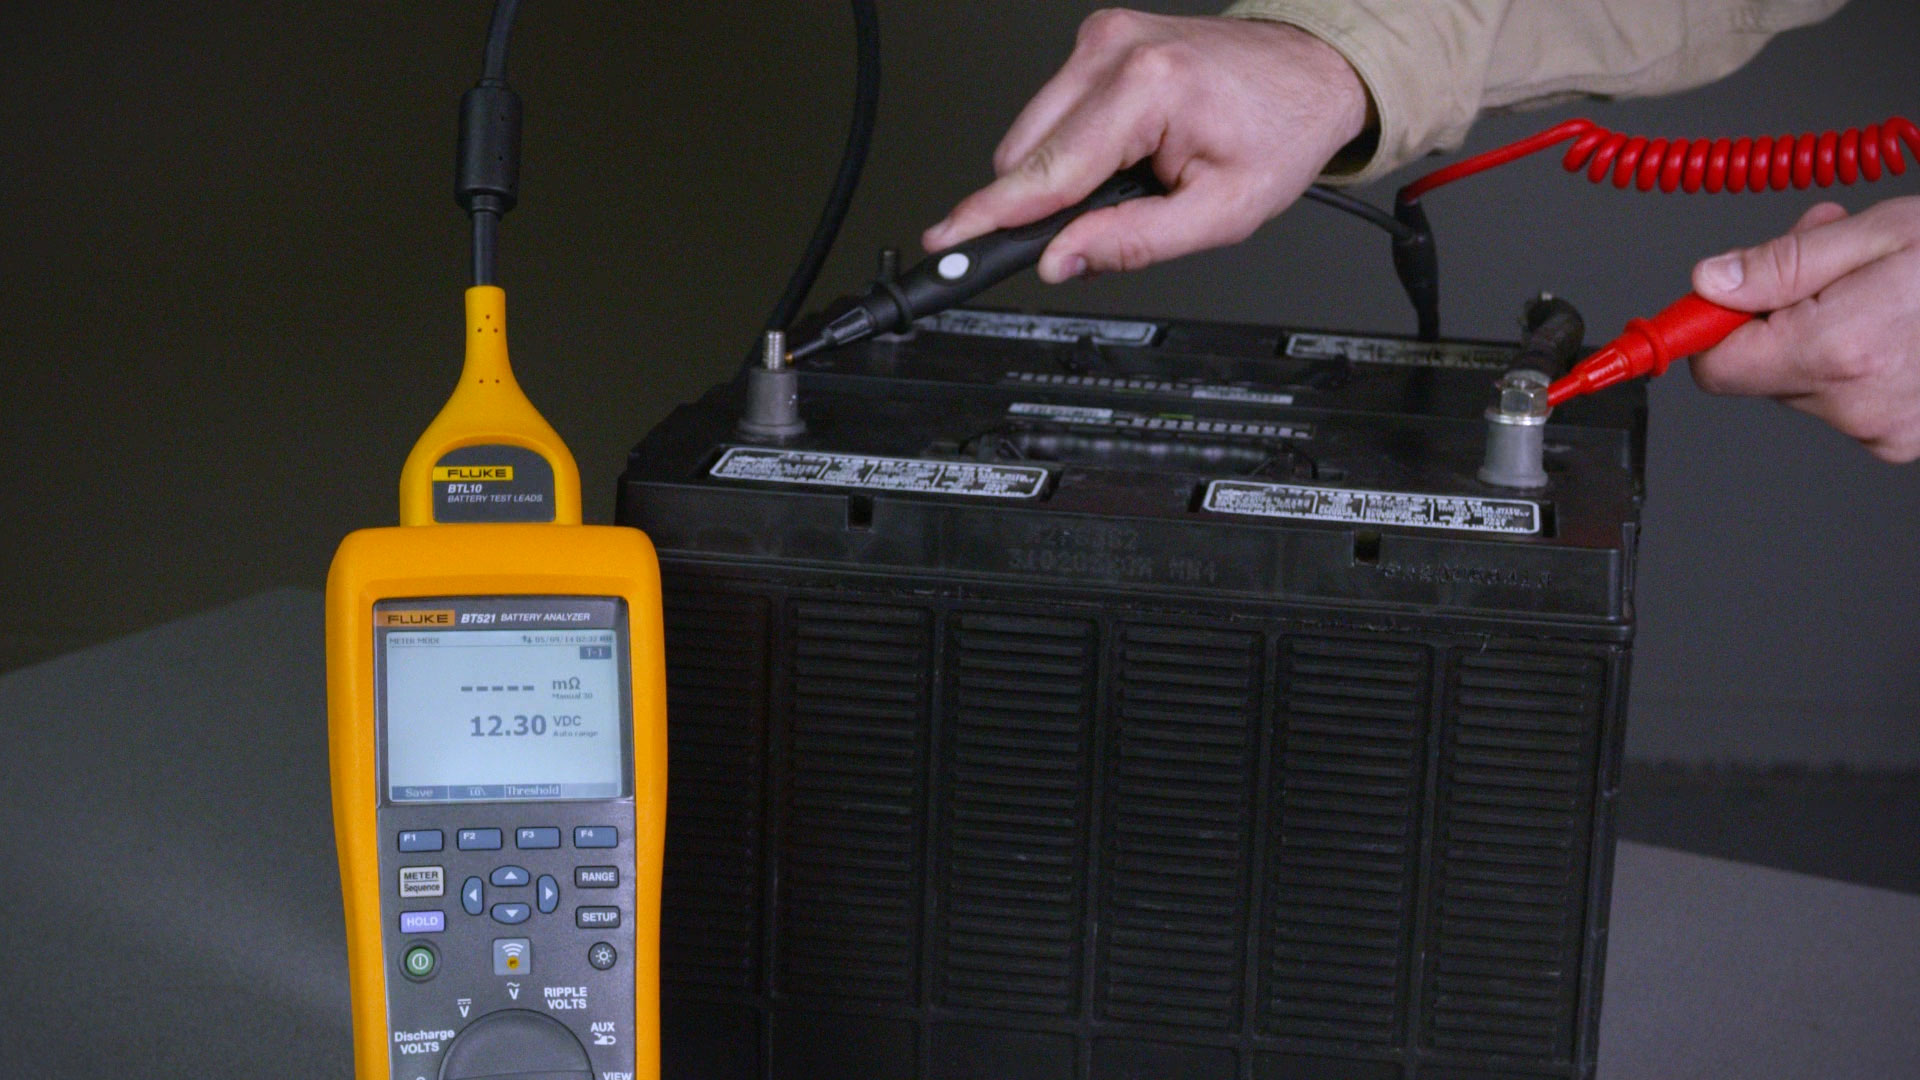 Fluke BT500 系列蓄电池内阻分析仪使用说明:快速演示